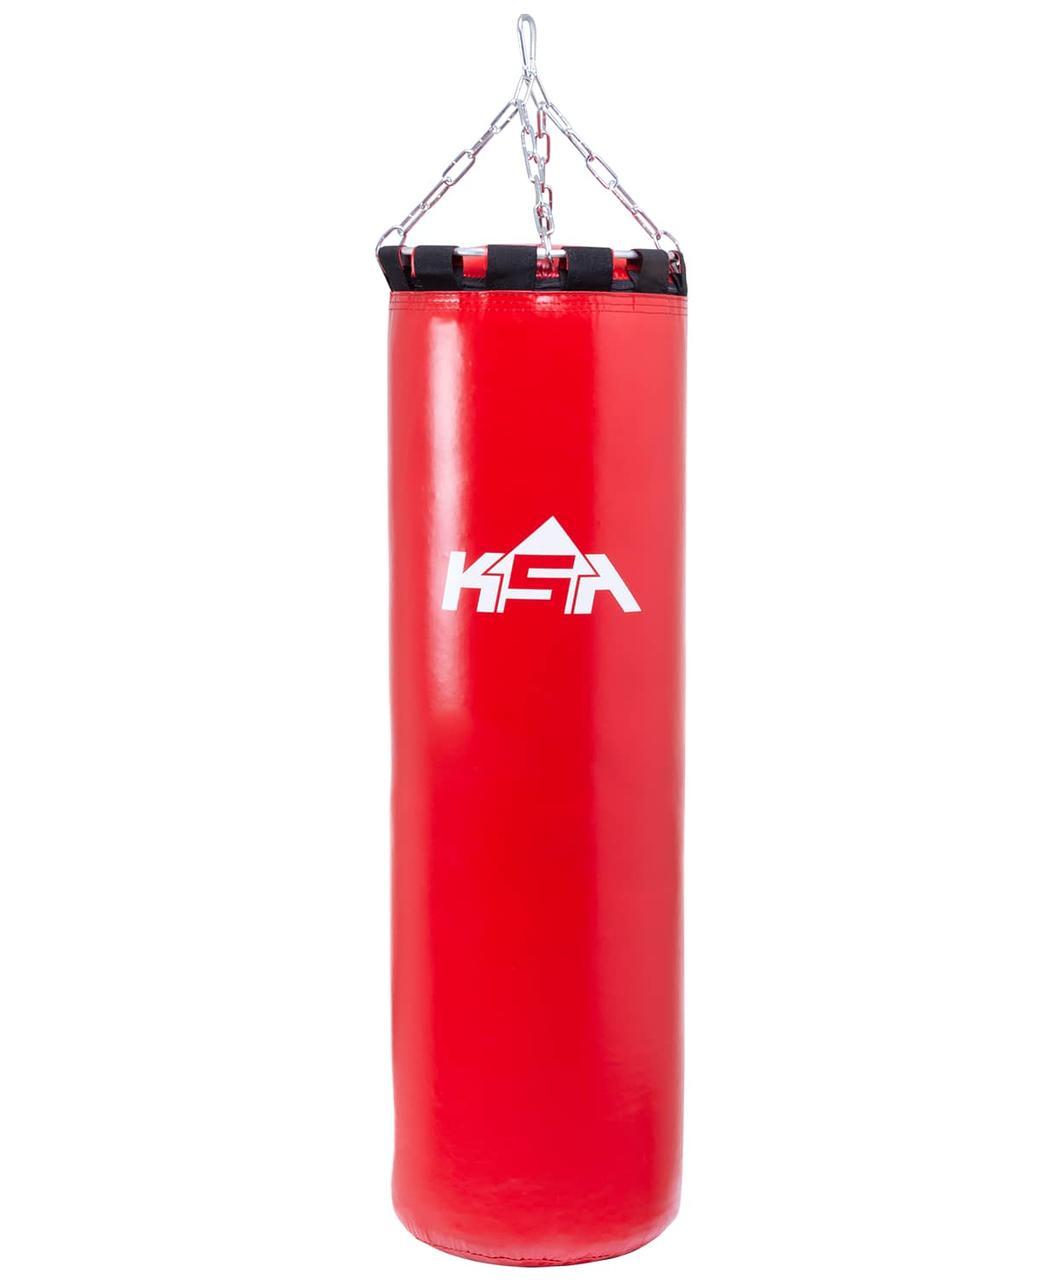 Мешок боксерский груша 110 см, 40 кг, тент, красный KSA